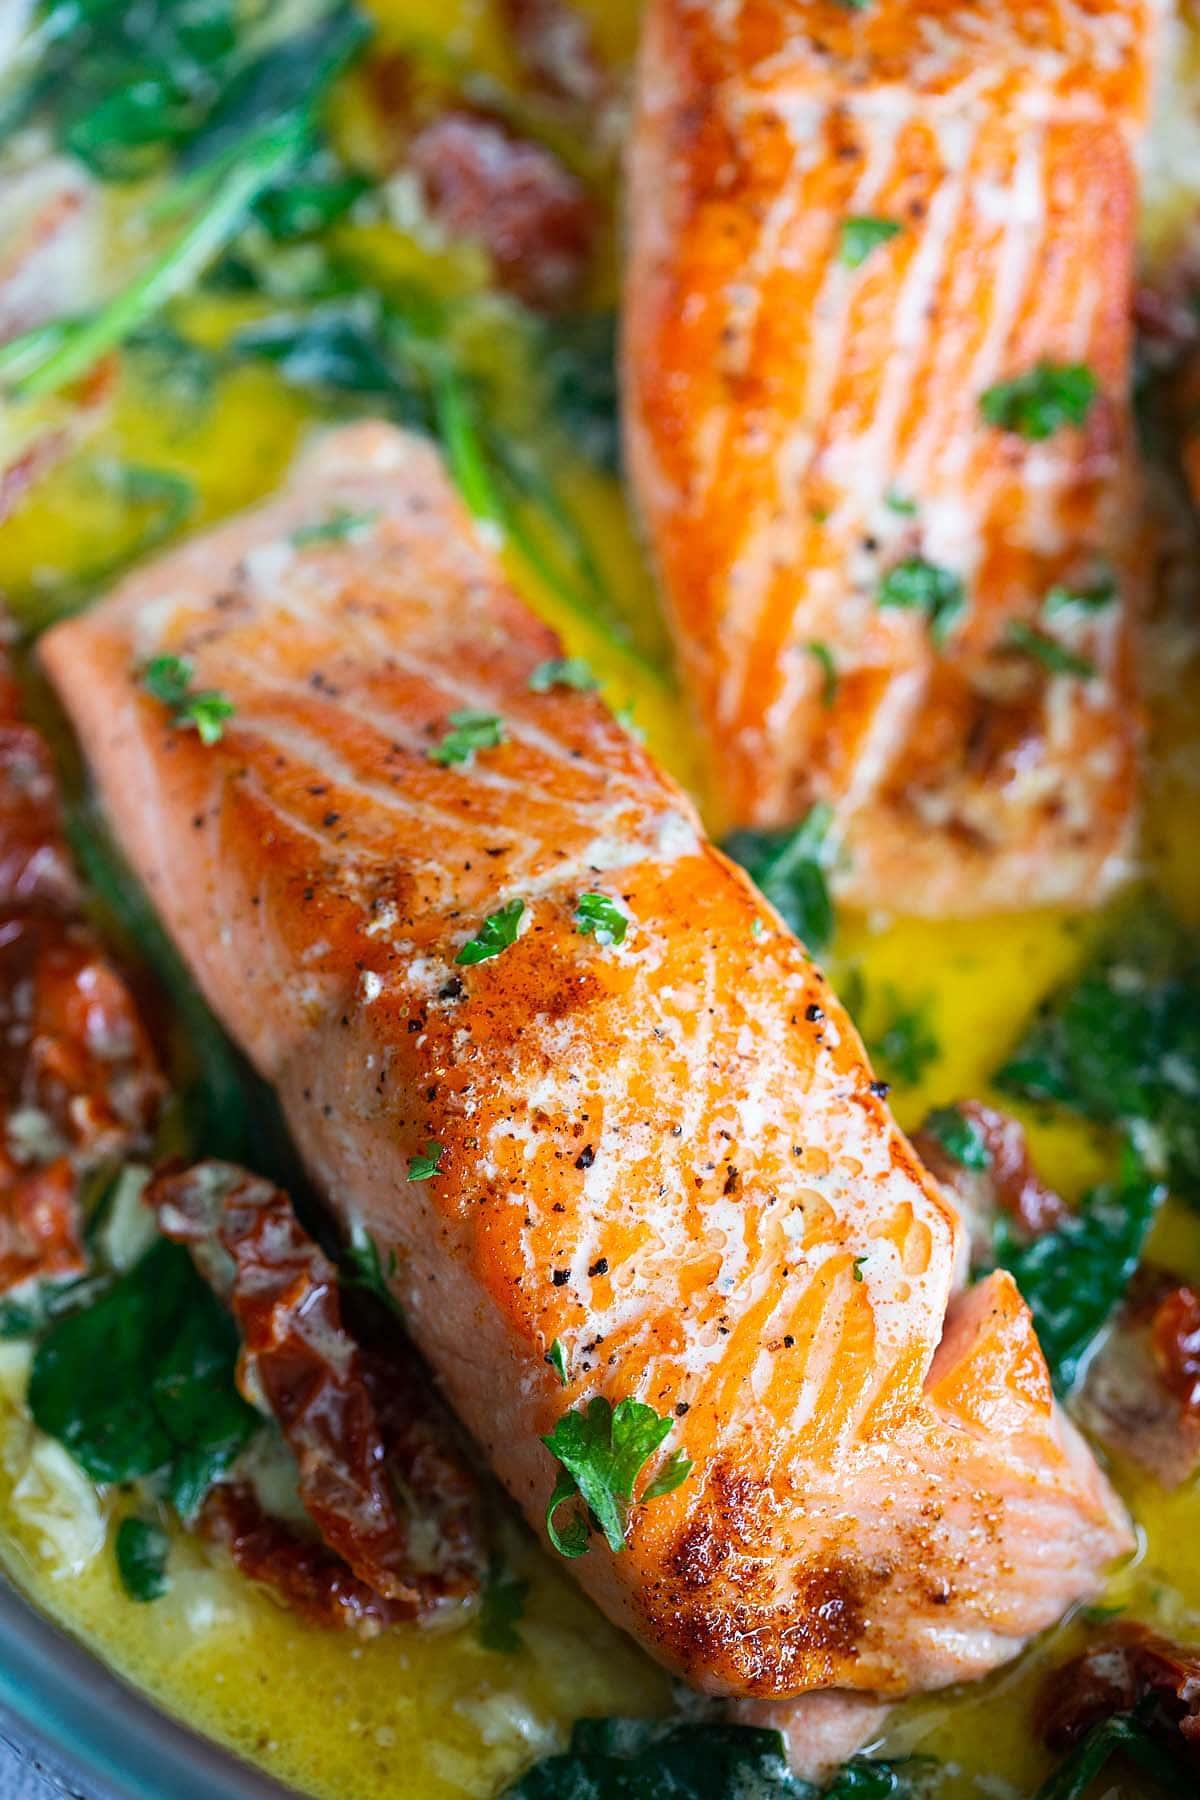 Saumon toscan crémeux, prêt à servir.